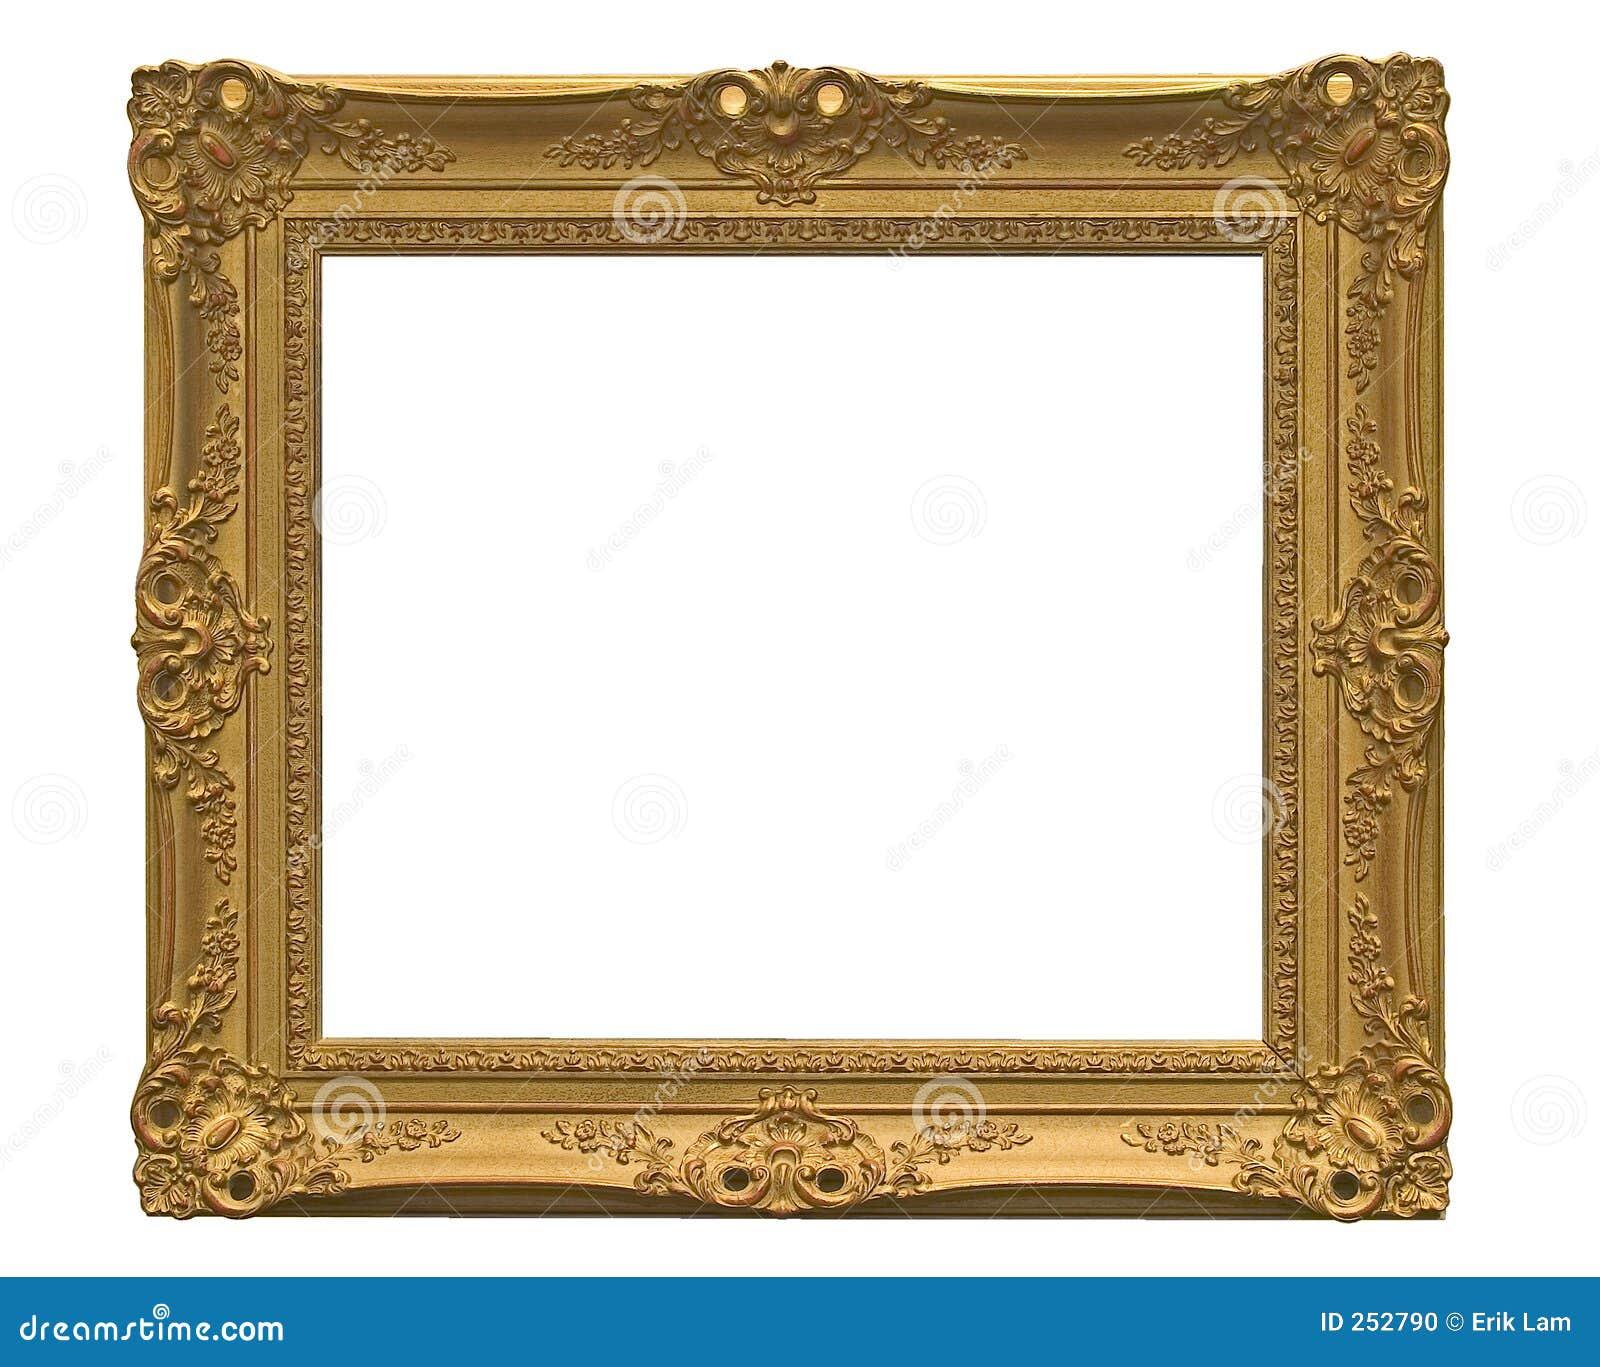 cadre de tableau vide avec le chemin de d coupage photo stock image du nattes encadr 252790. Black Bedroom Furniture Sets. Home Design Ideas